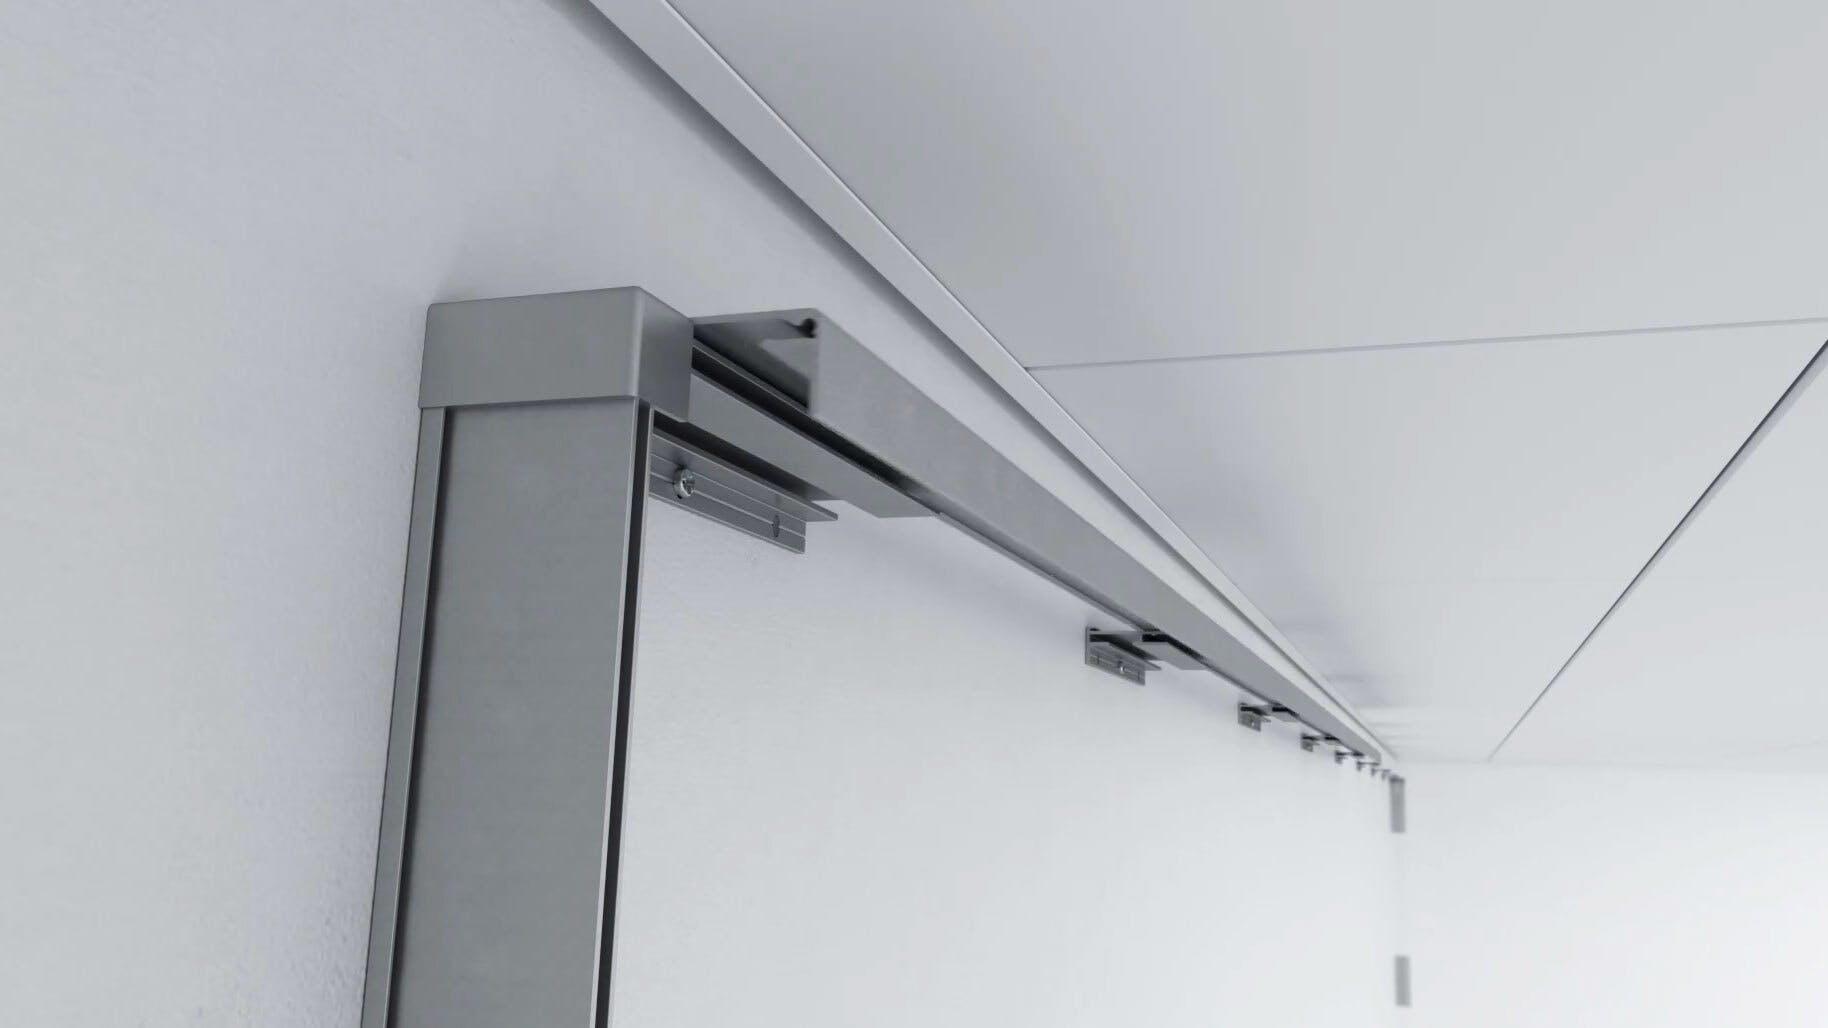 Video thumbnail, installation video, rockfon system vertiq c wall, wall panel system